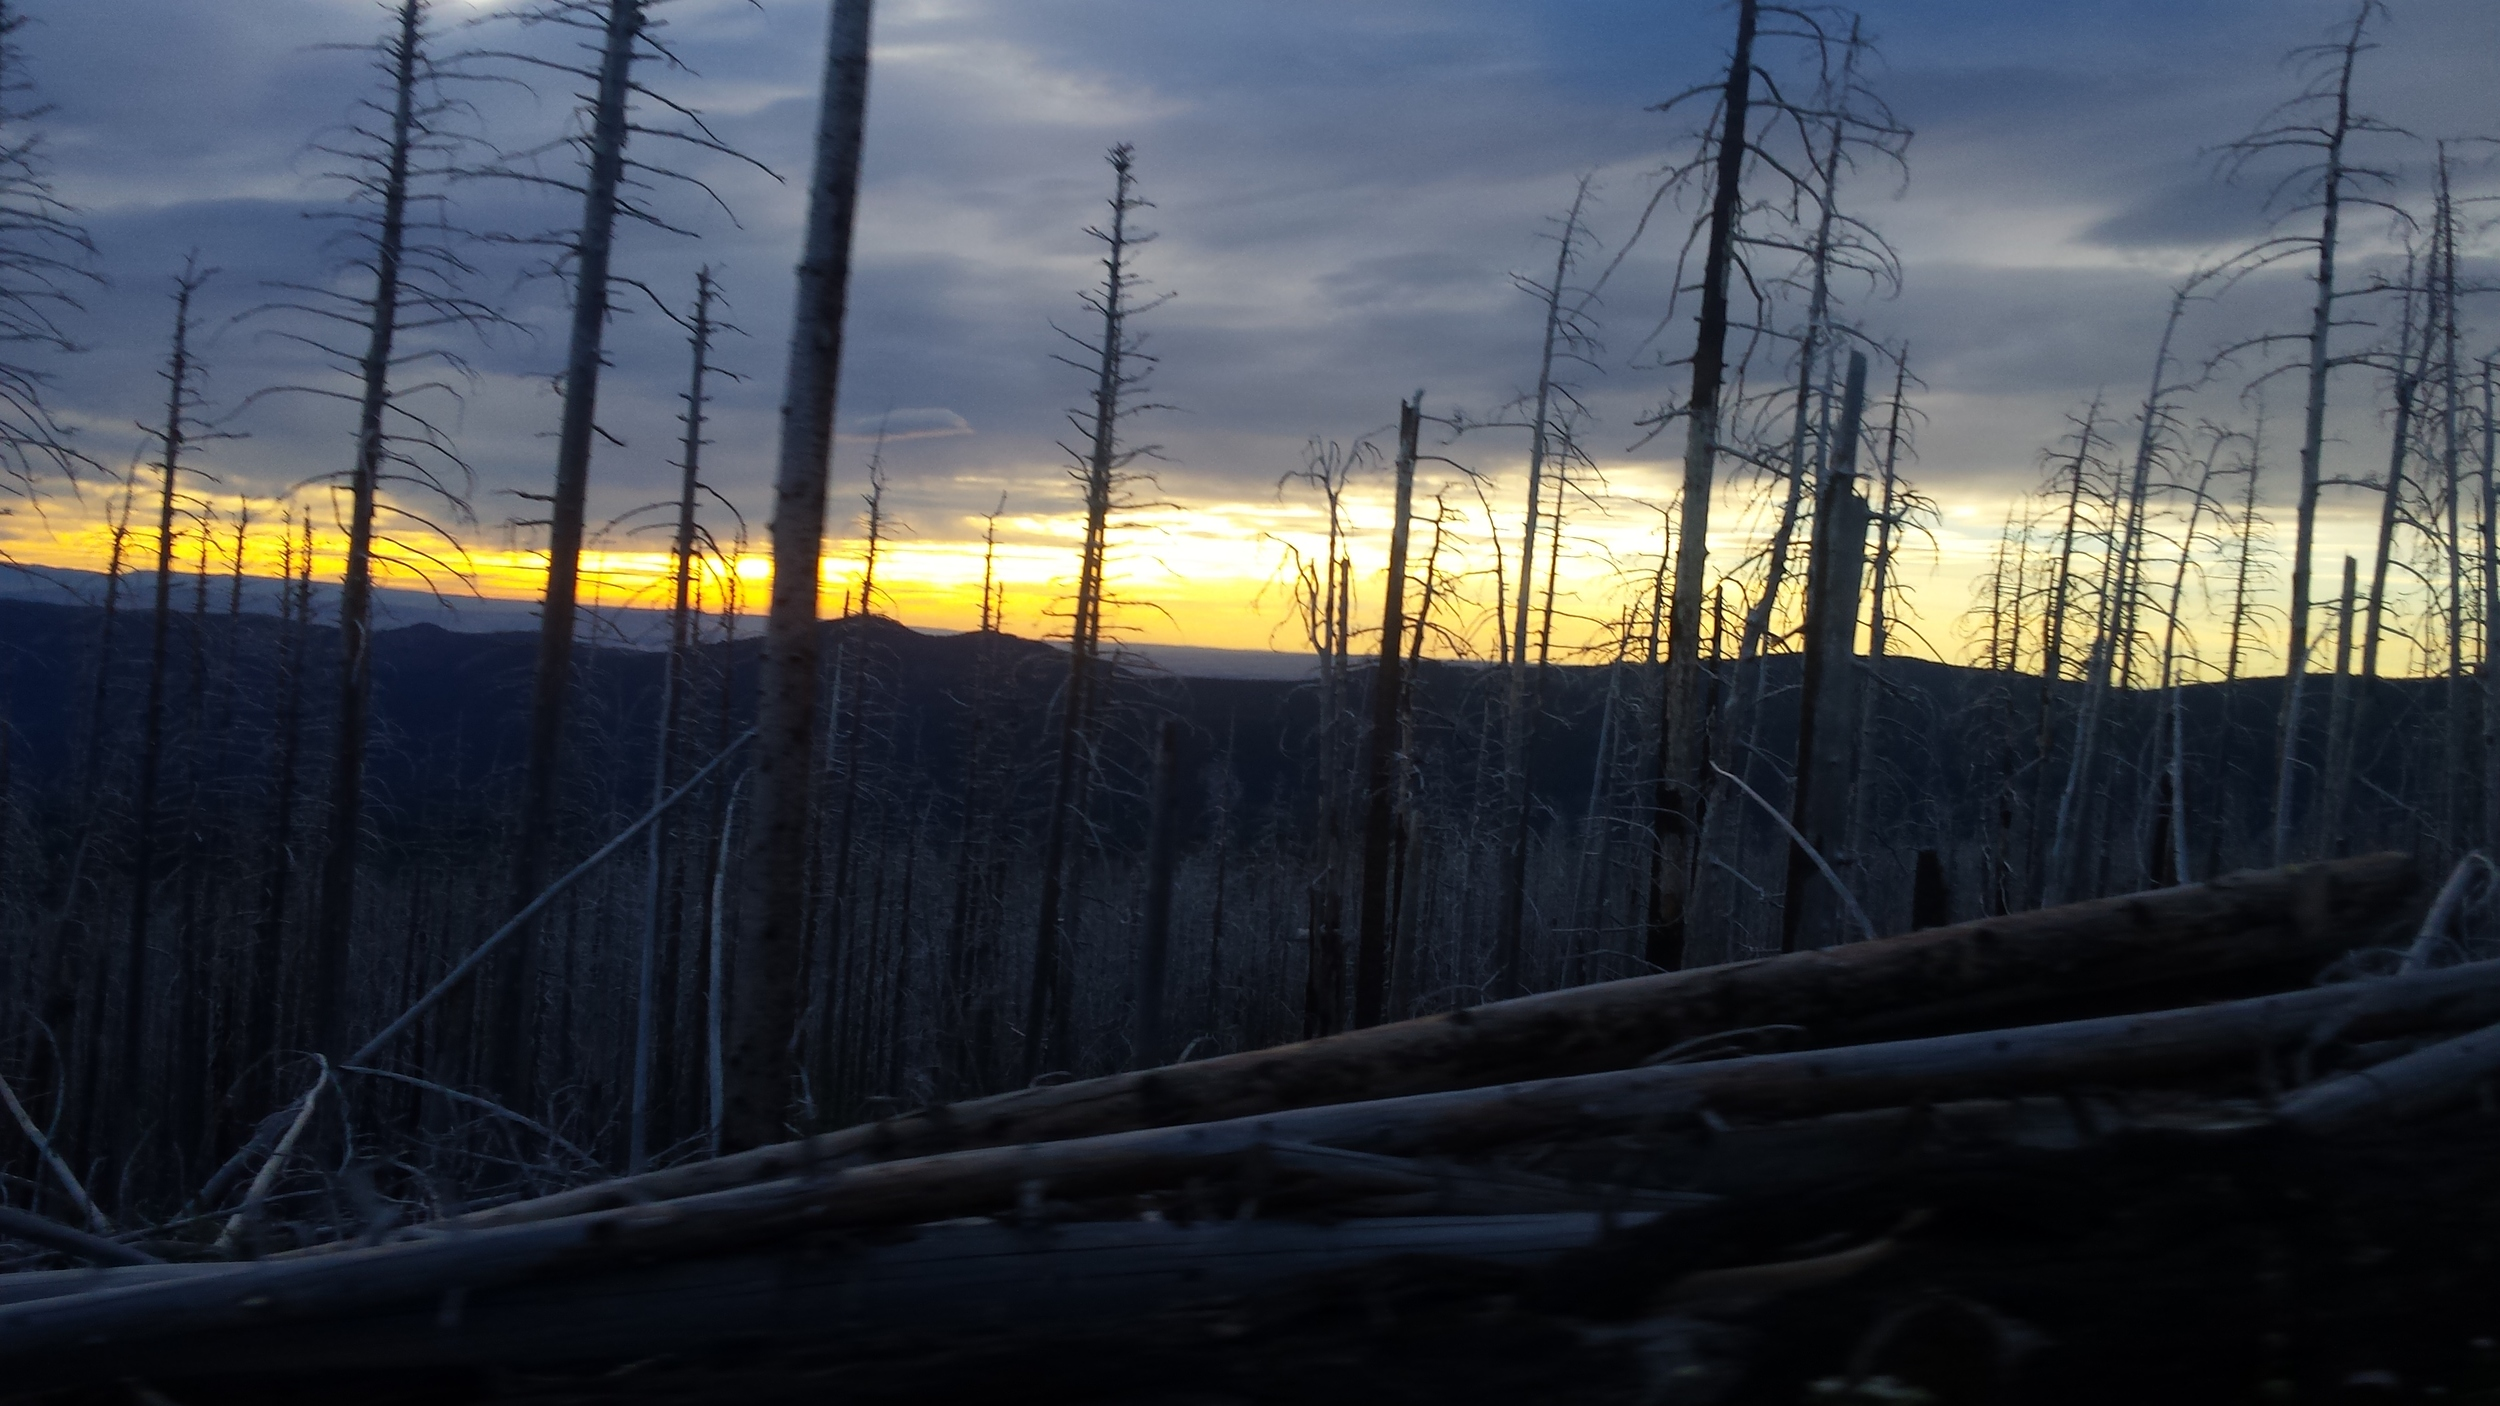 Sunset finish